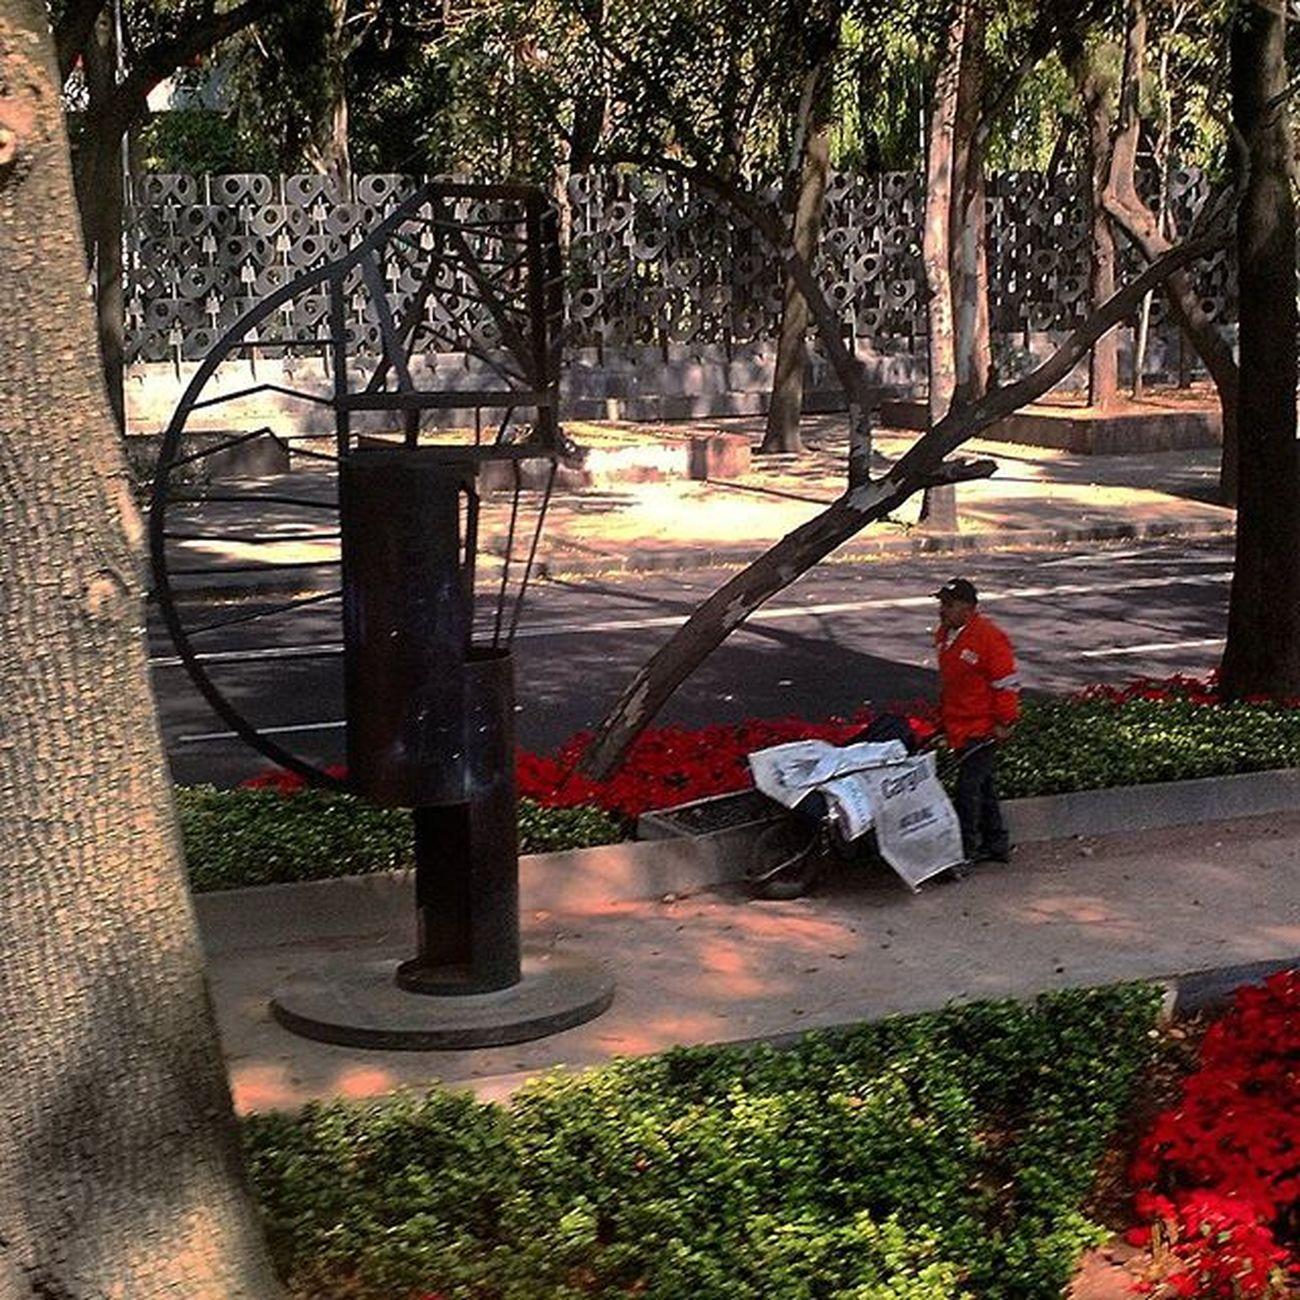 Man at work with art work Streetlife Mexicocity  Cdmx Tamayo Modernart Sculpture Urbanlife